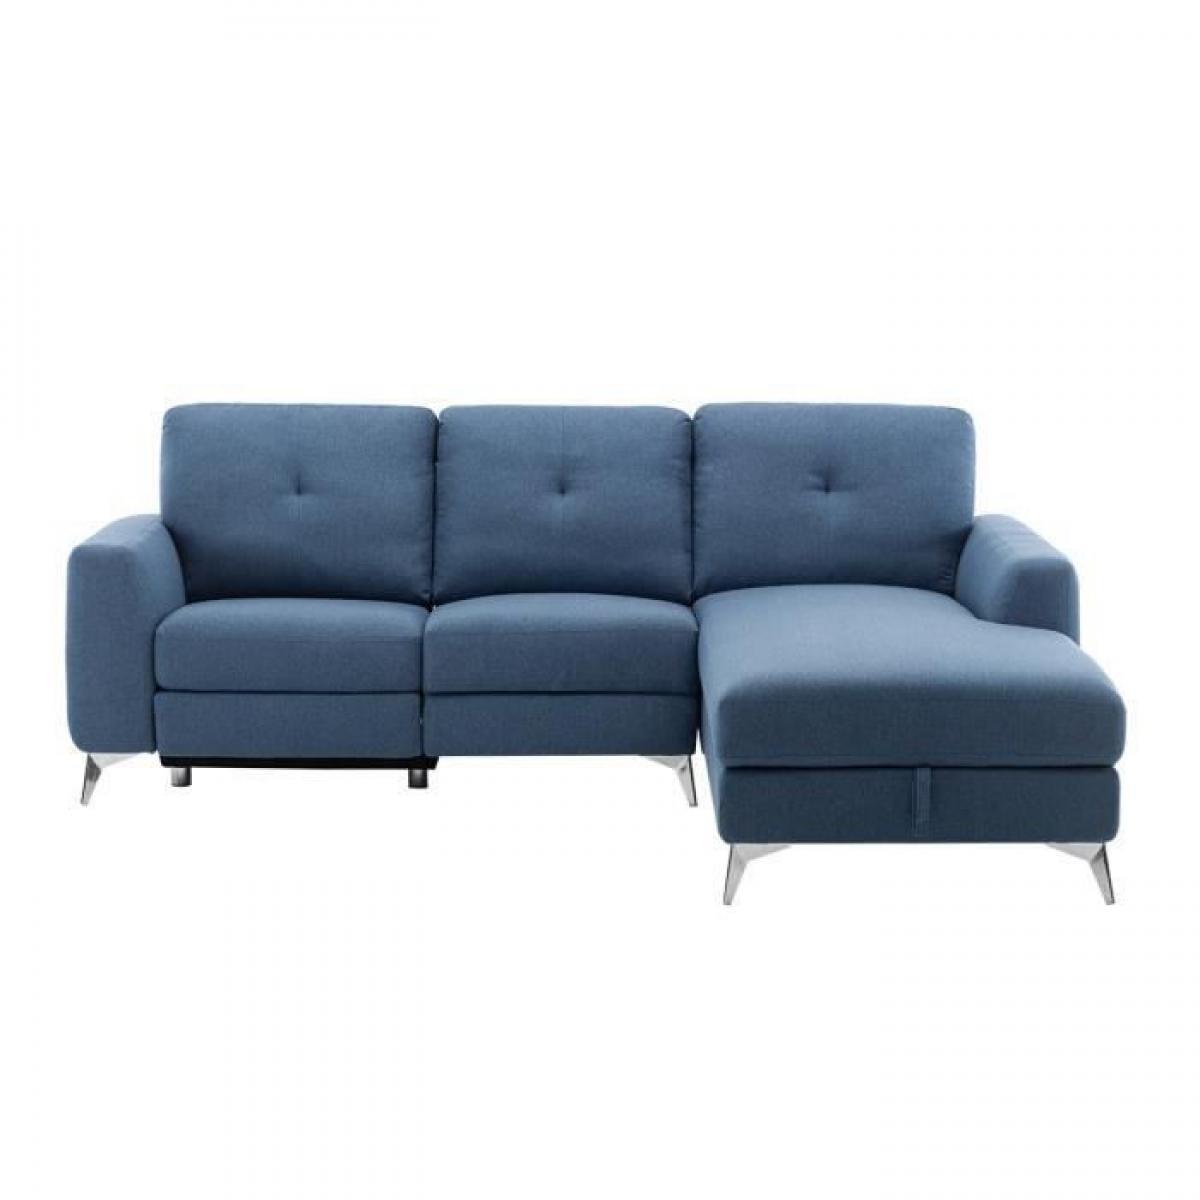 Sans Marque Canape dangle droit avec 1 place relax electrique + coffre - Tissu Bleu - L 260 x P 51 x H 90 cm - FRANKLIN